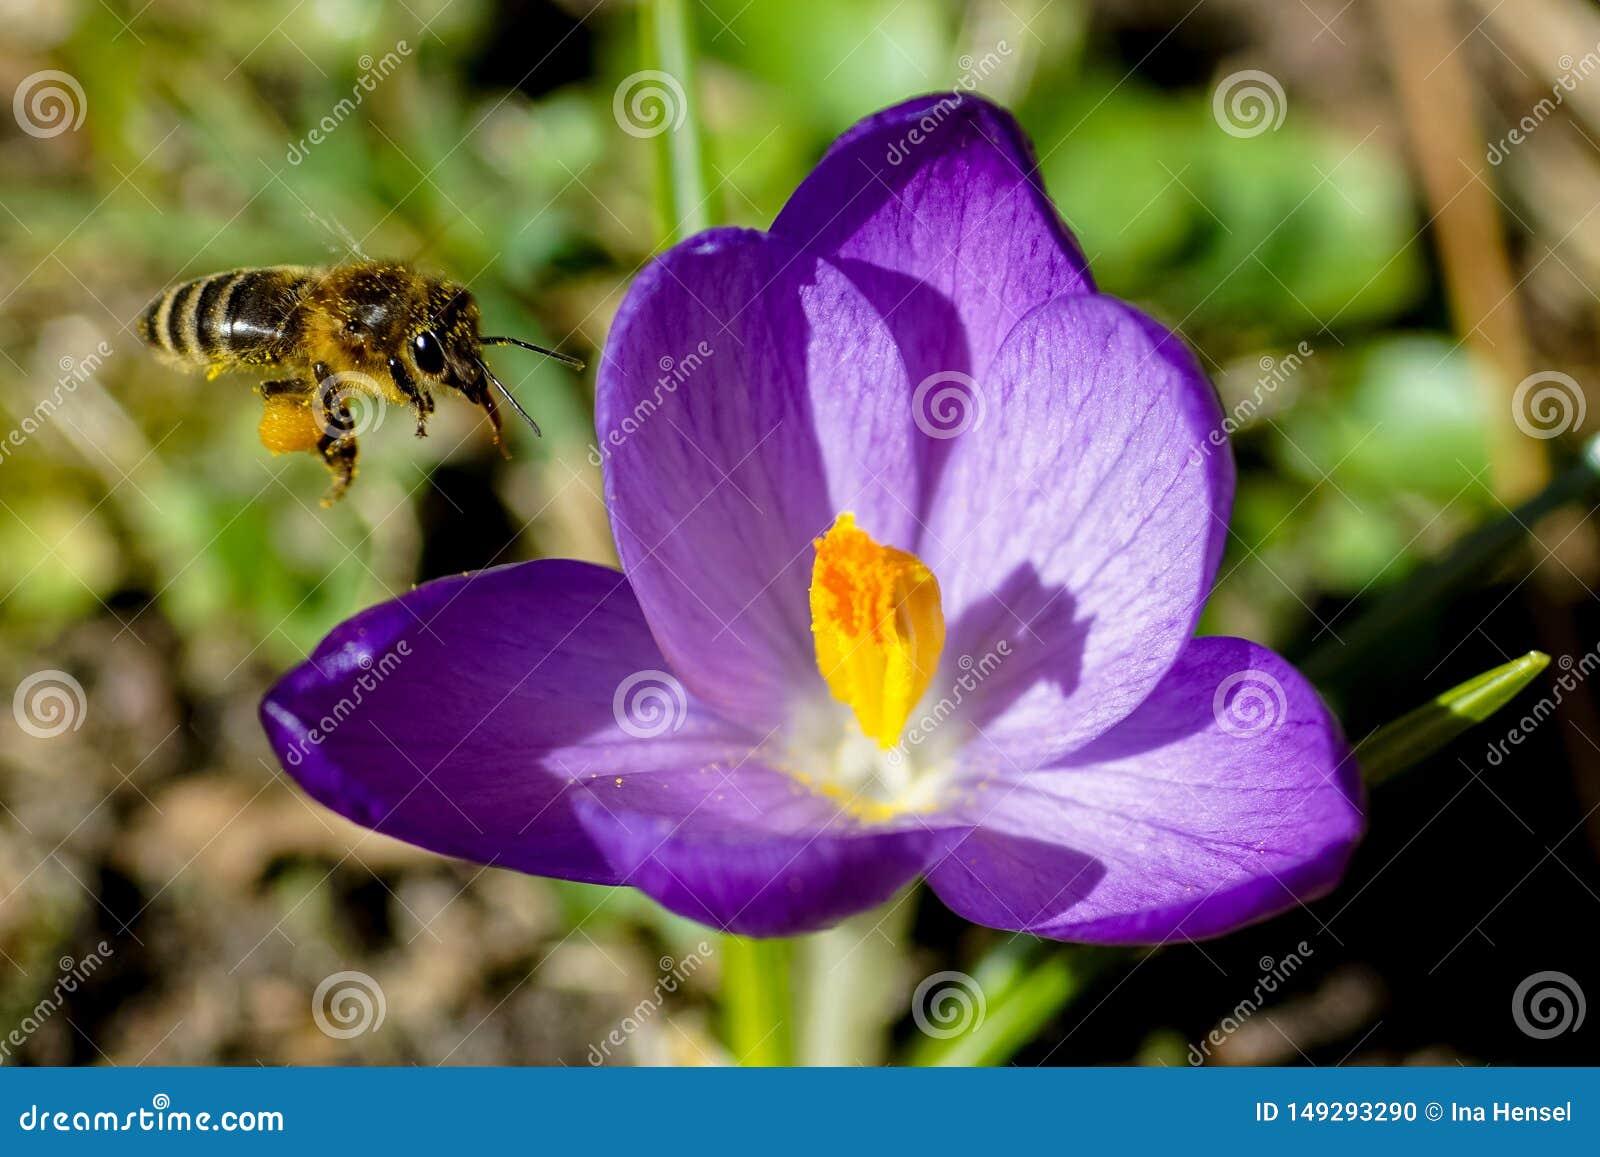 Makrobild einer Biene, die Bl?tenstaub sammelt